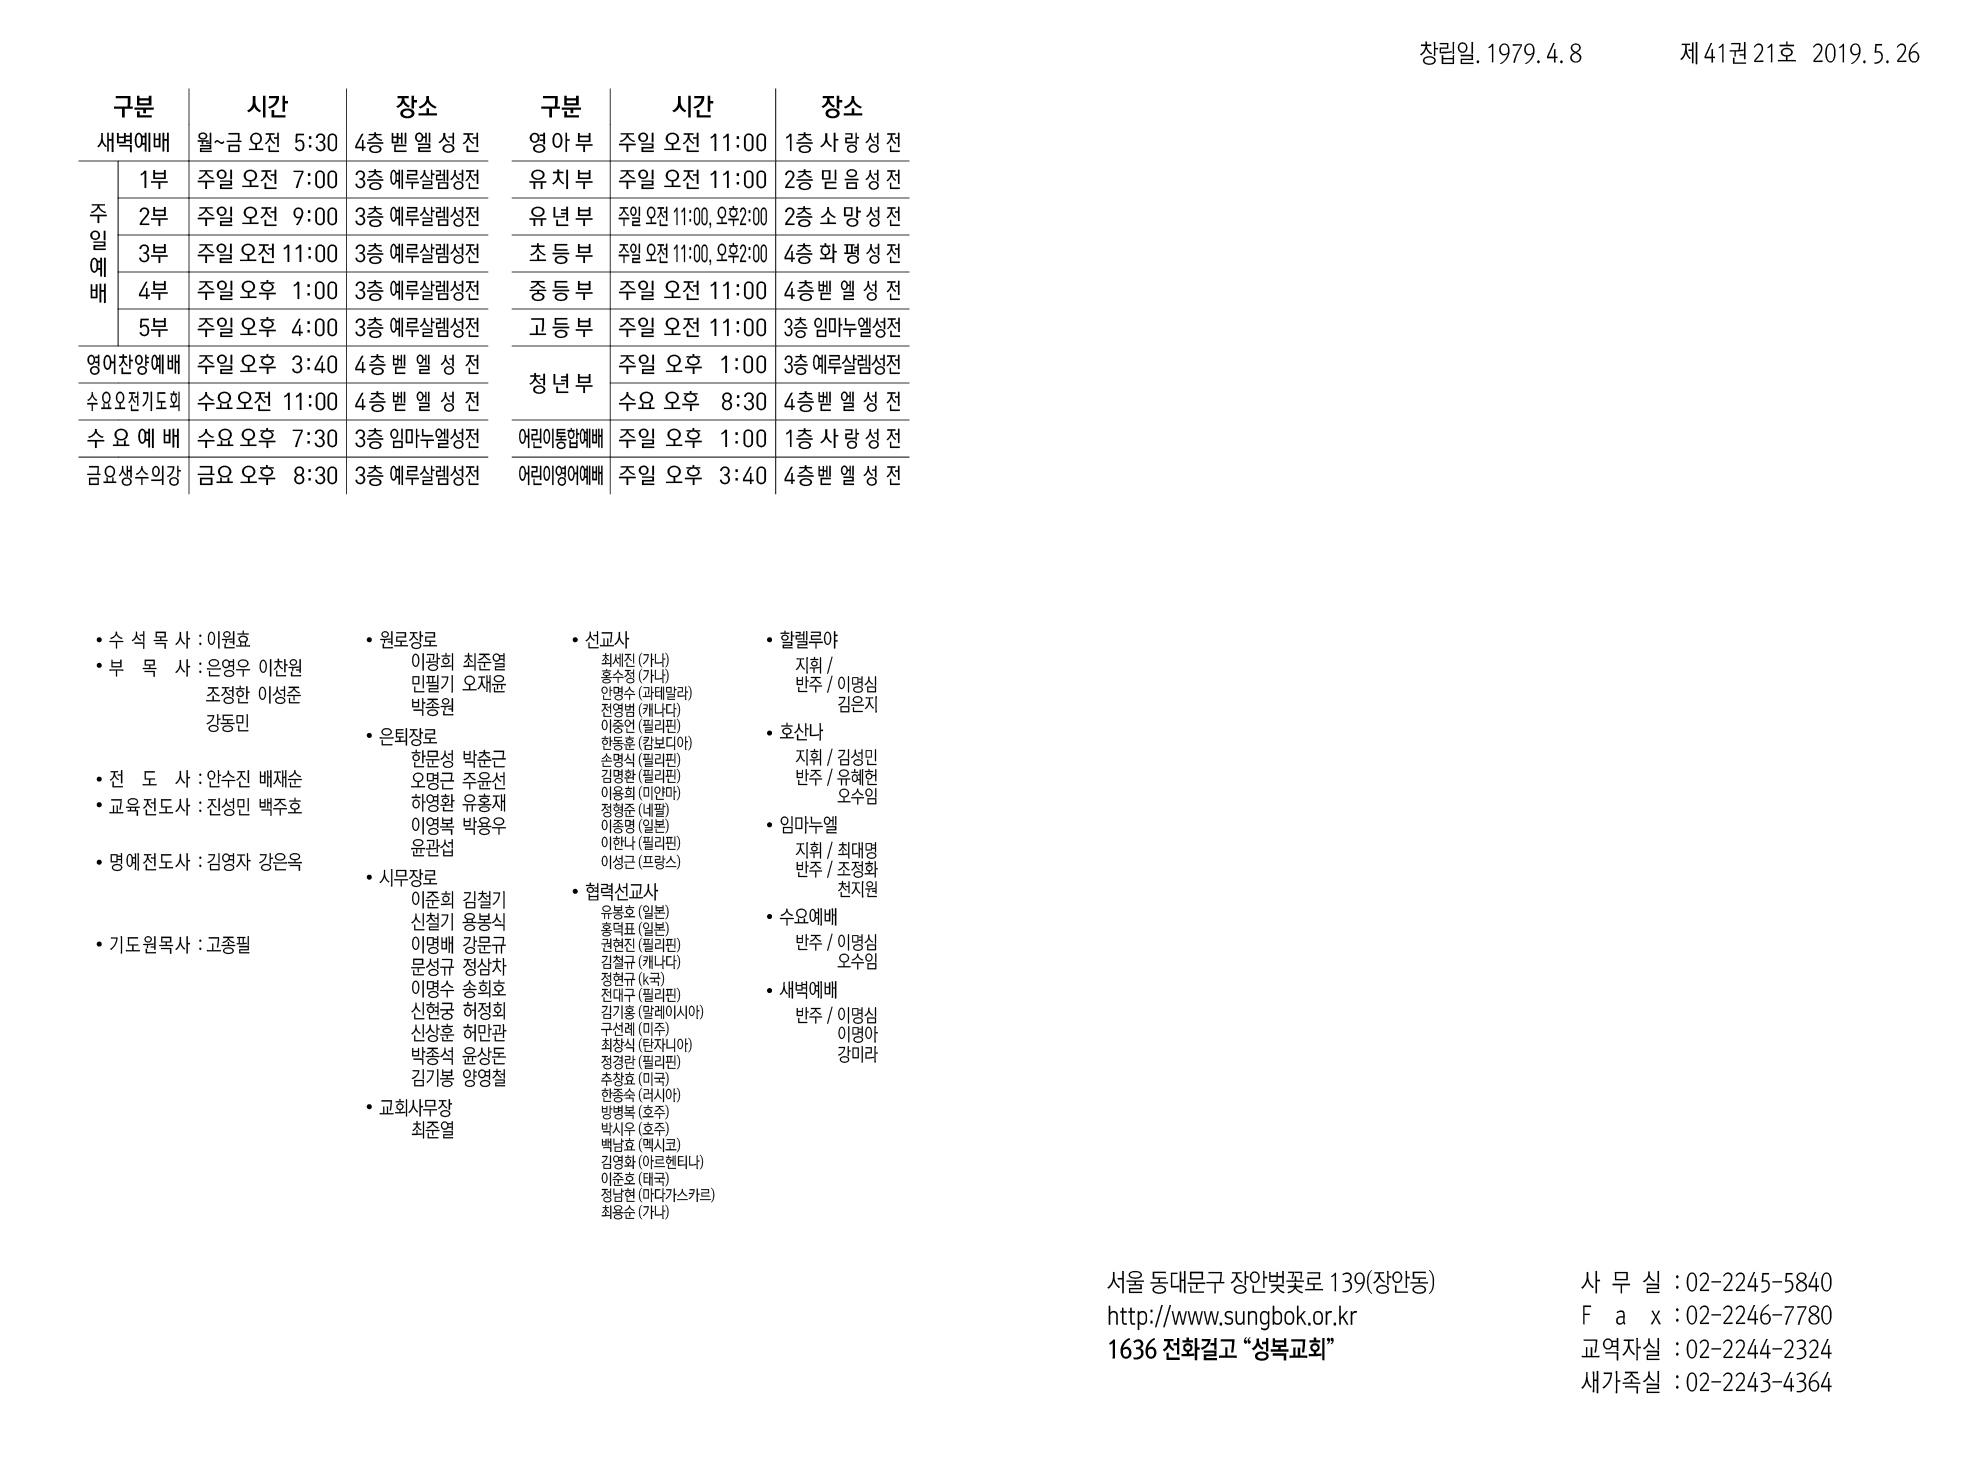 8f6c5ab54d6db7c3542220ebcb6dd36c.jpg